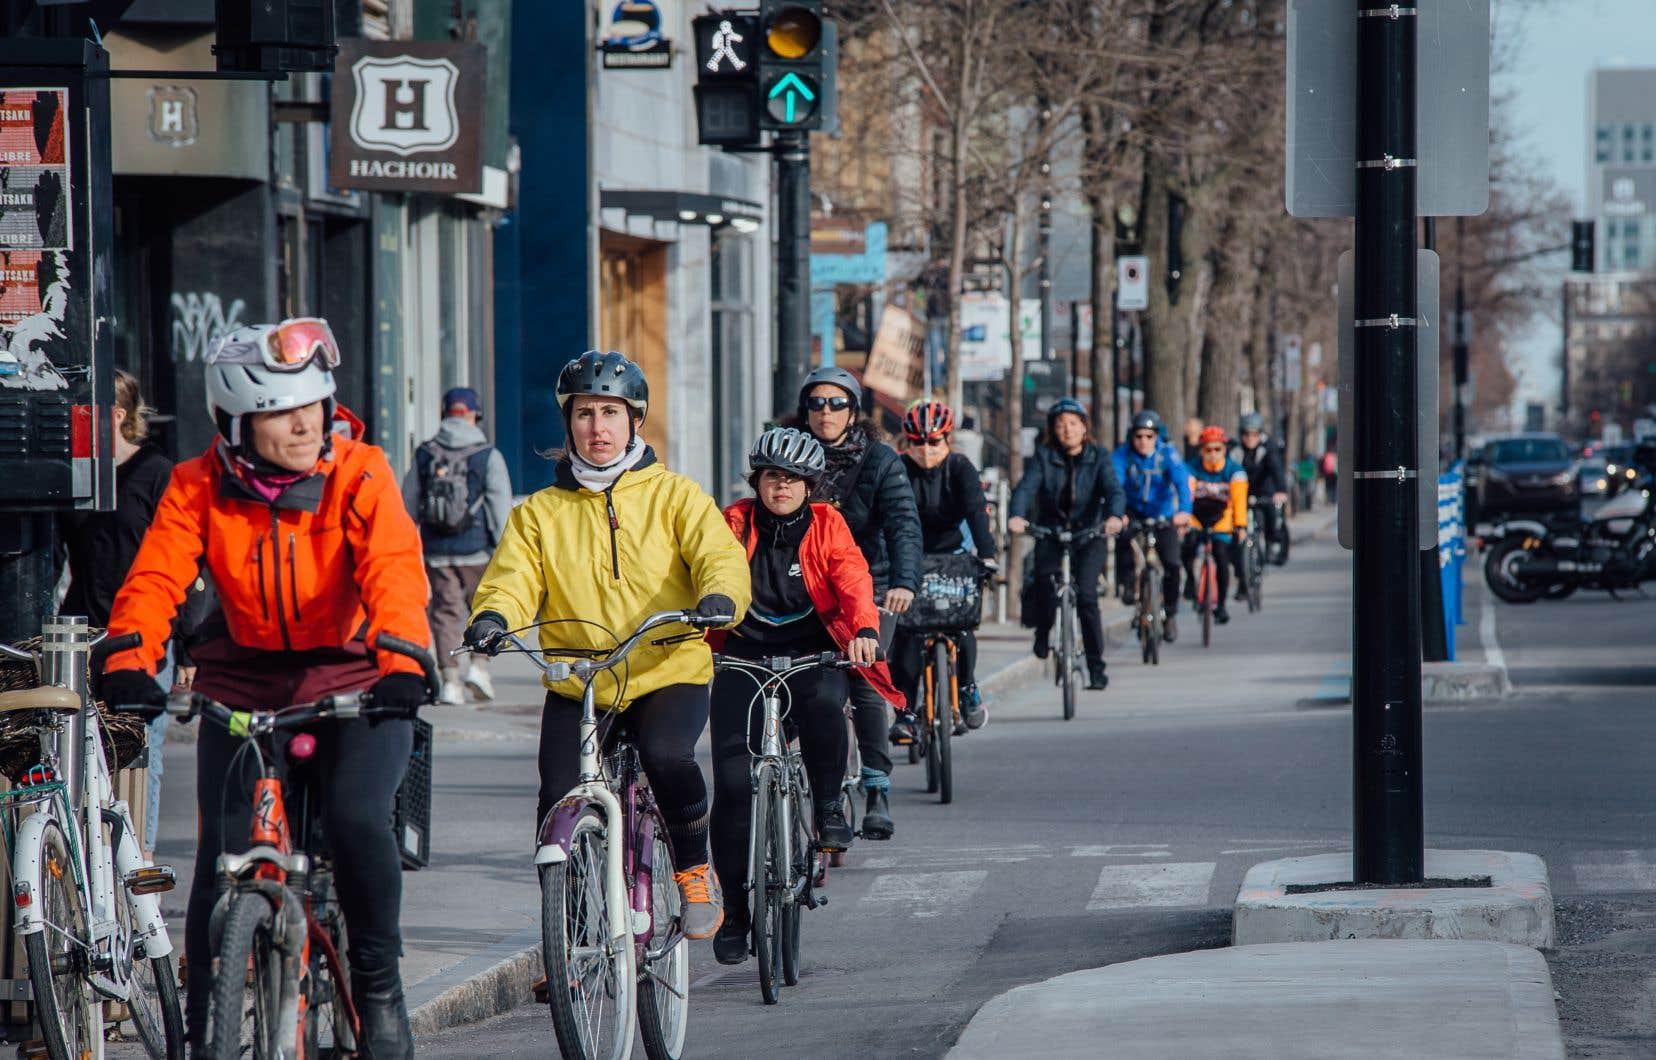 Des données compilées par Éco-Compteur font état d'une moyenne de 450 passages quotidiens sur la piste cyclable de la rue Saint-Denis entre le 7janvier et le 15février. Celle-ci a été mise en place l'an dernier dans le cadre du projet de Réseau express vélo, qui prévoit à terme l'aménagement de 184kilomètres de voies cyclables protégées accessibles toute l'année.